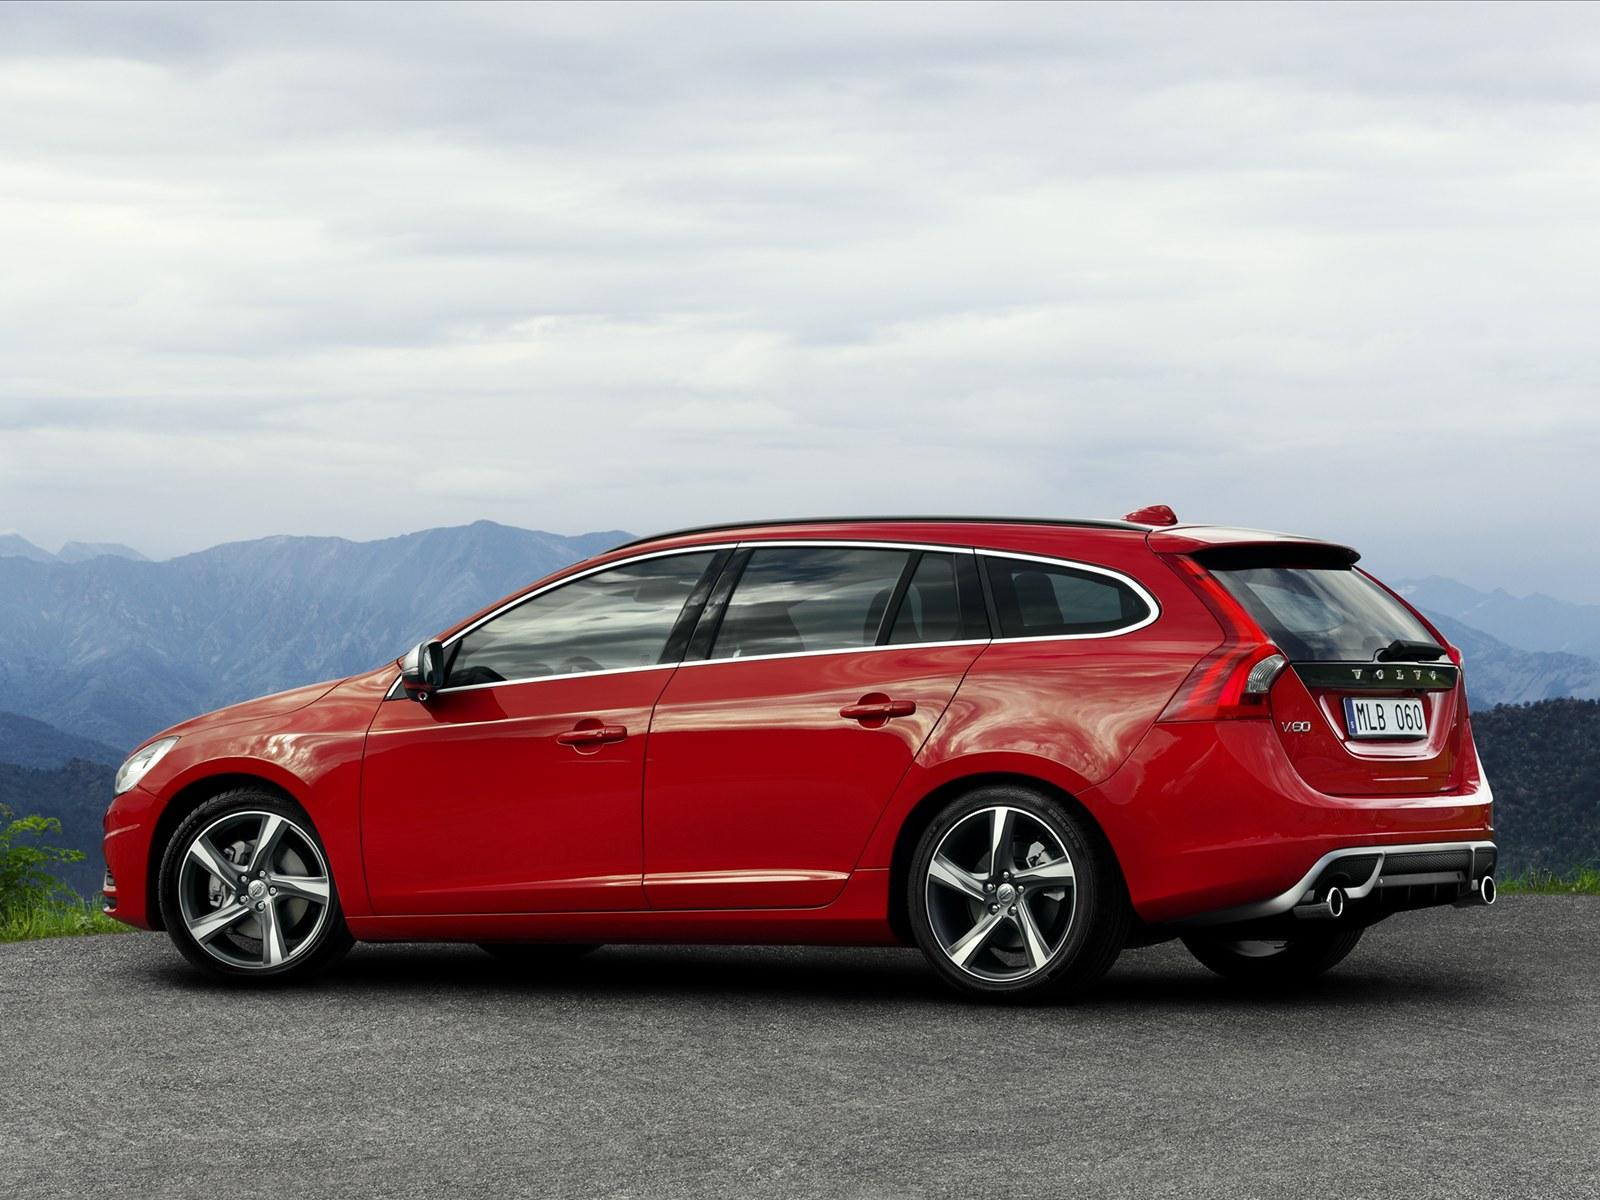 http://1.bp.blogspot.com/-Bnl5nTfZ4_M/TbIRLEG03BI/AAAAAAAACZs/XH_09zQBKz0/s1600/Volvo+V60+R-Design+2011.jpg